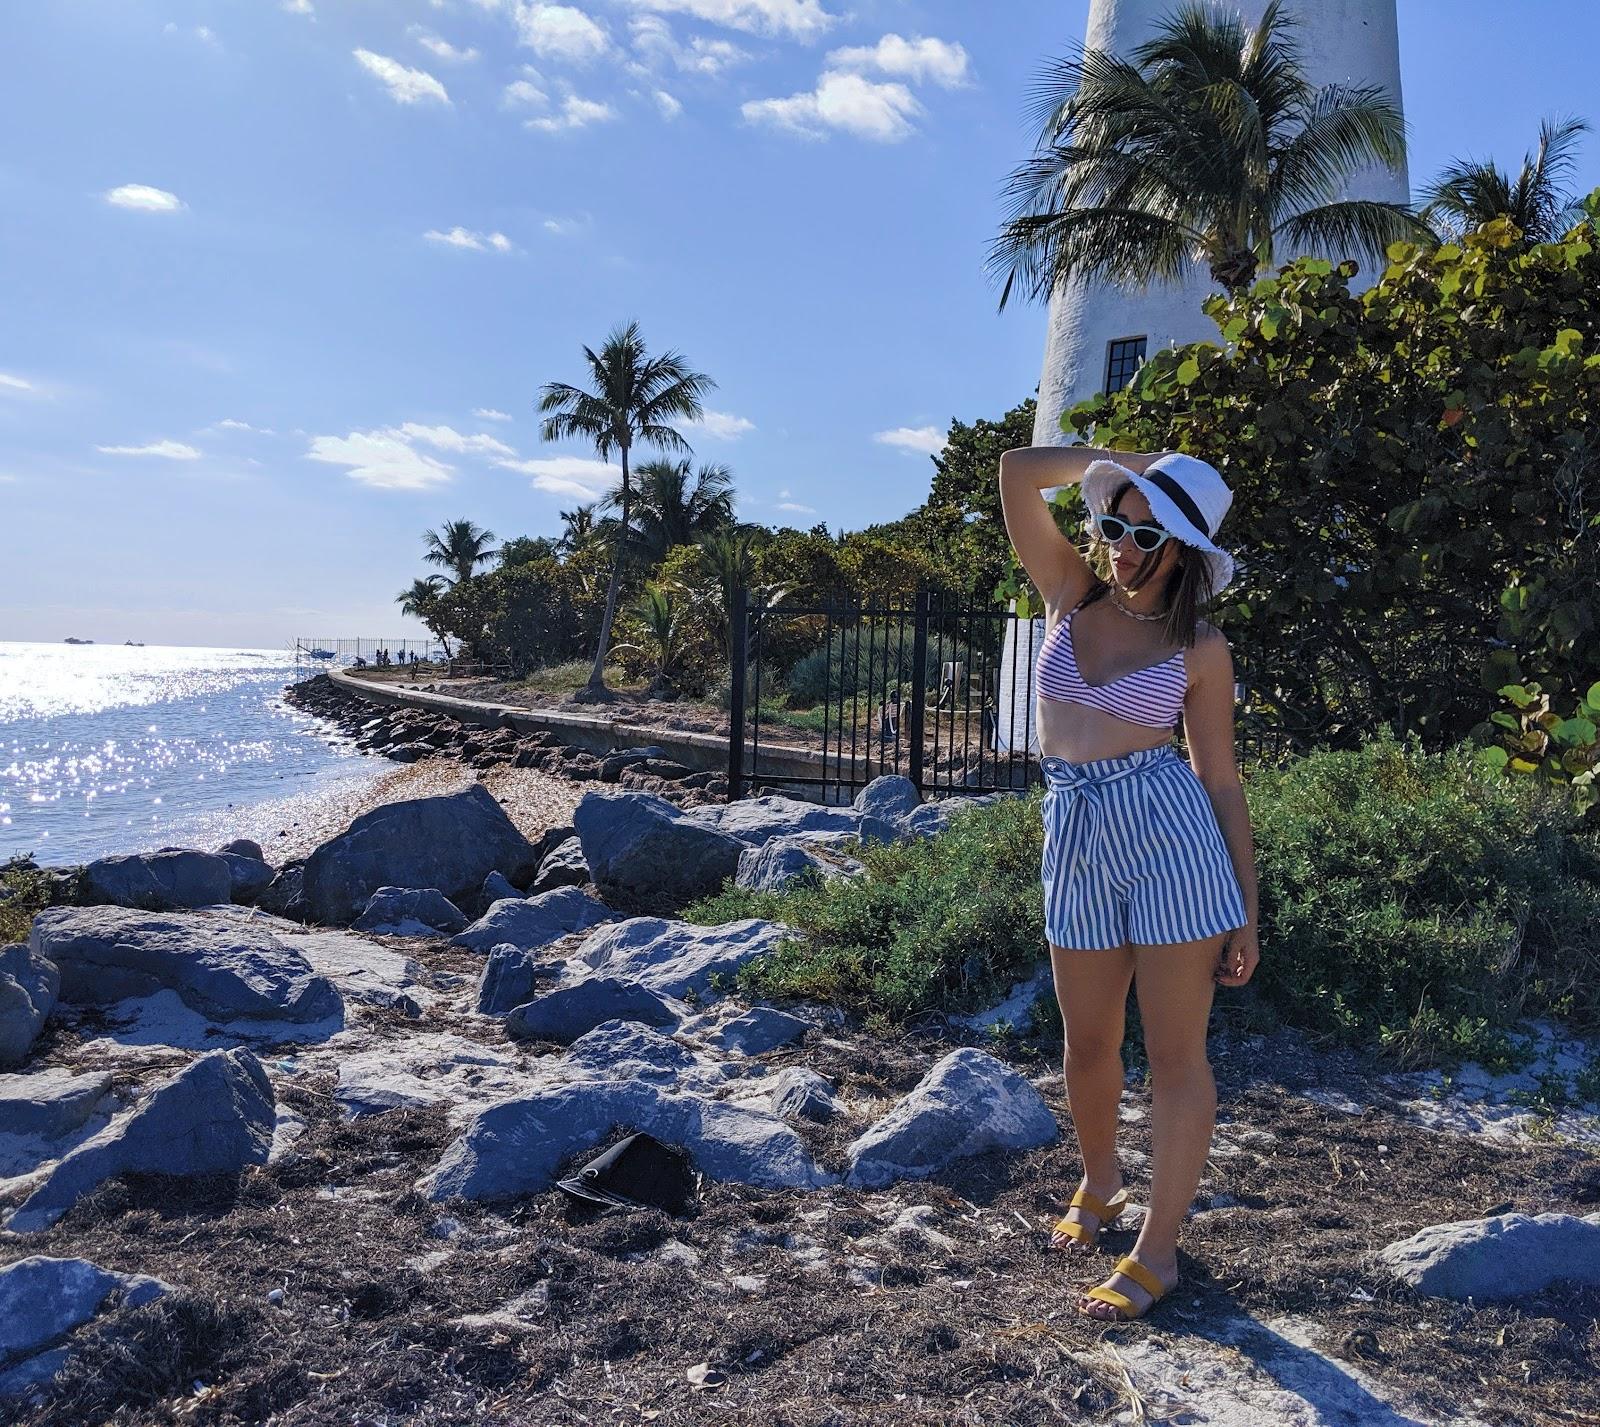 קי בסקיין יום טיול בפלורידה לאן לטייל חופים יפים פלורידה טיול מאורגן